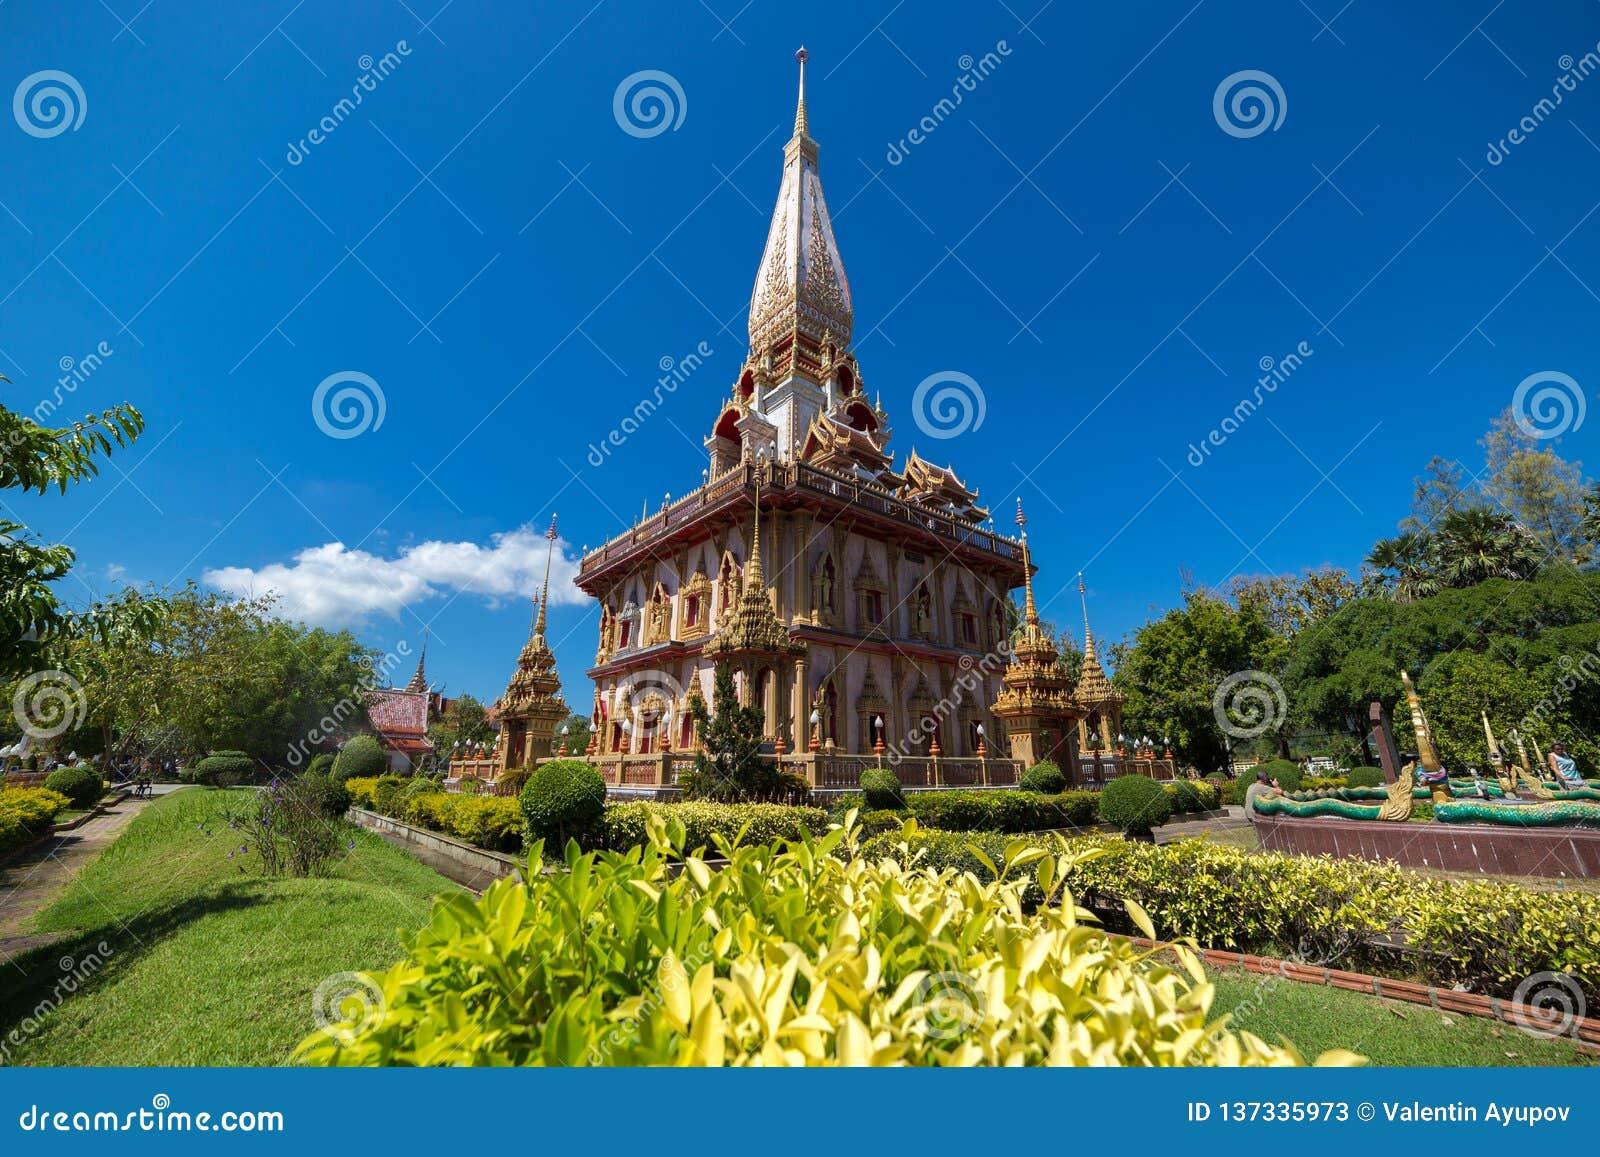 Le temple de Wat Chalong Buddhist dans Chalong, Phuket, Thaïlande